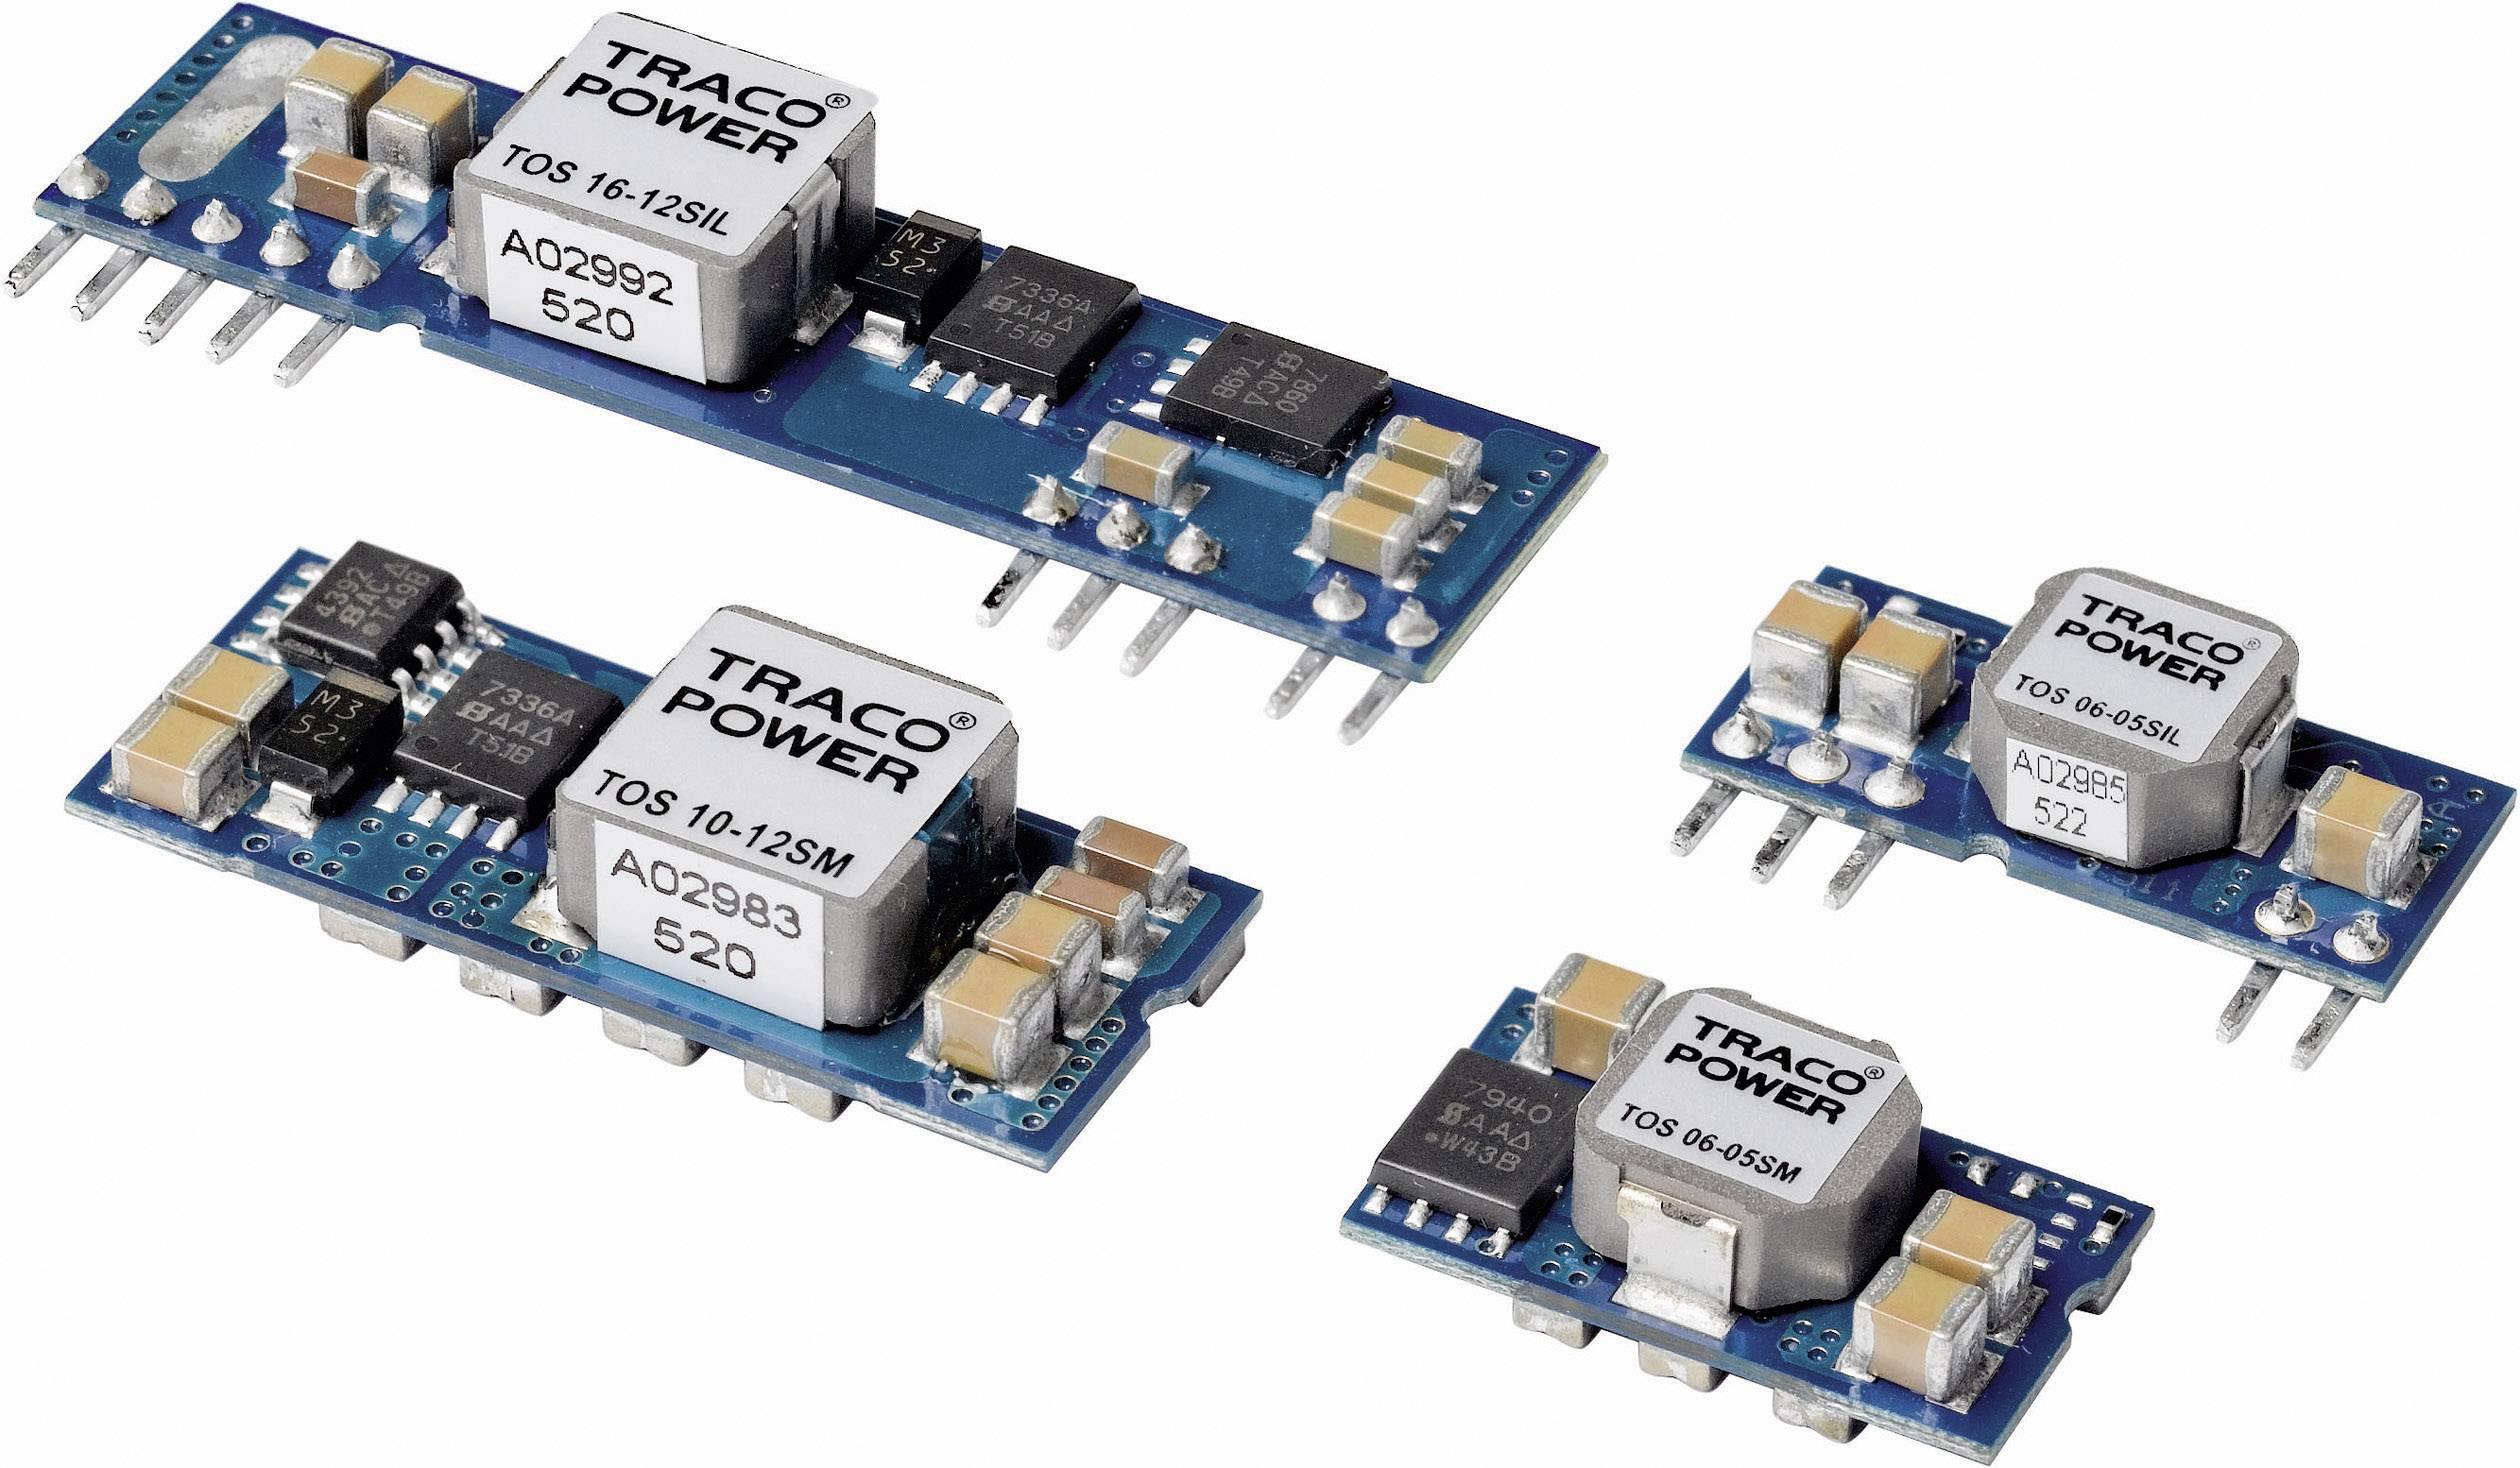 DC/DC měnič TracoPower TOS 06-05SIL, vstup 2,4 - 5,5 V/DC, výstup 0,75 - 3,3 V/DC, 6 A